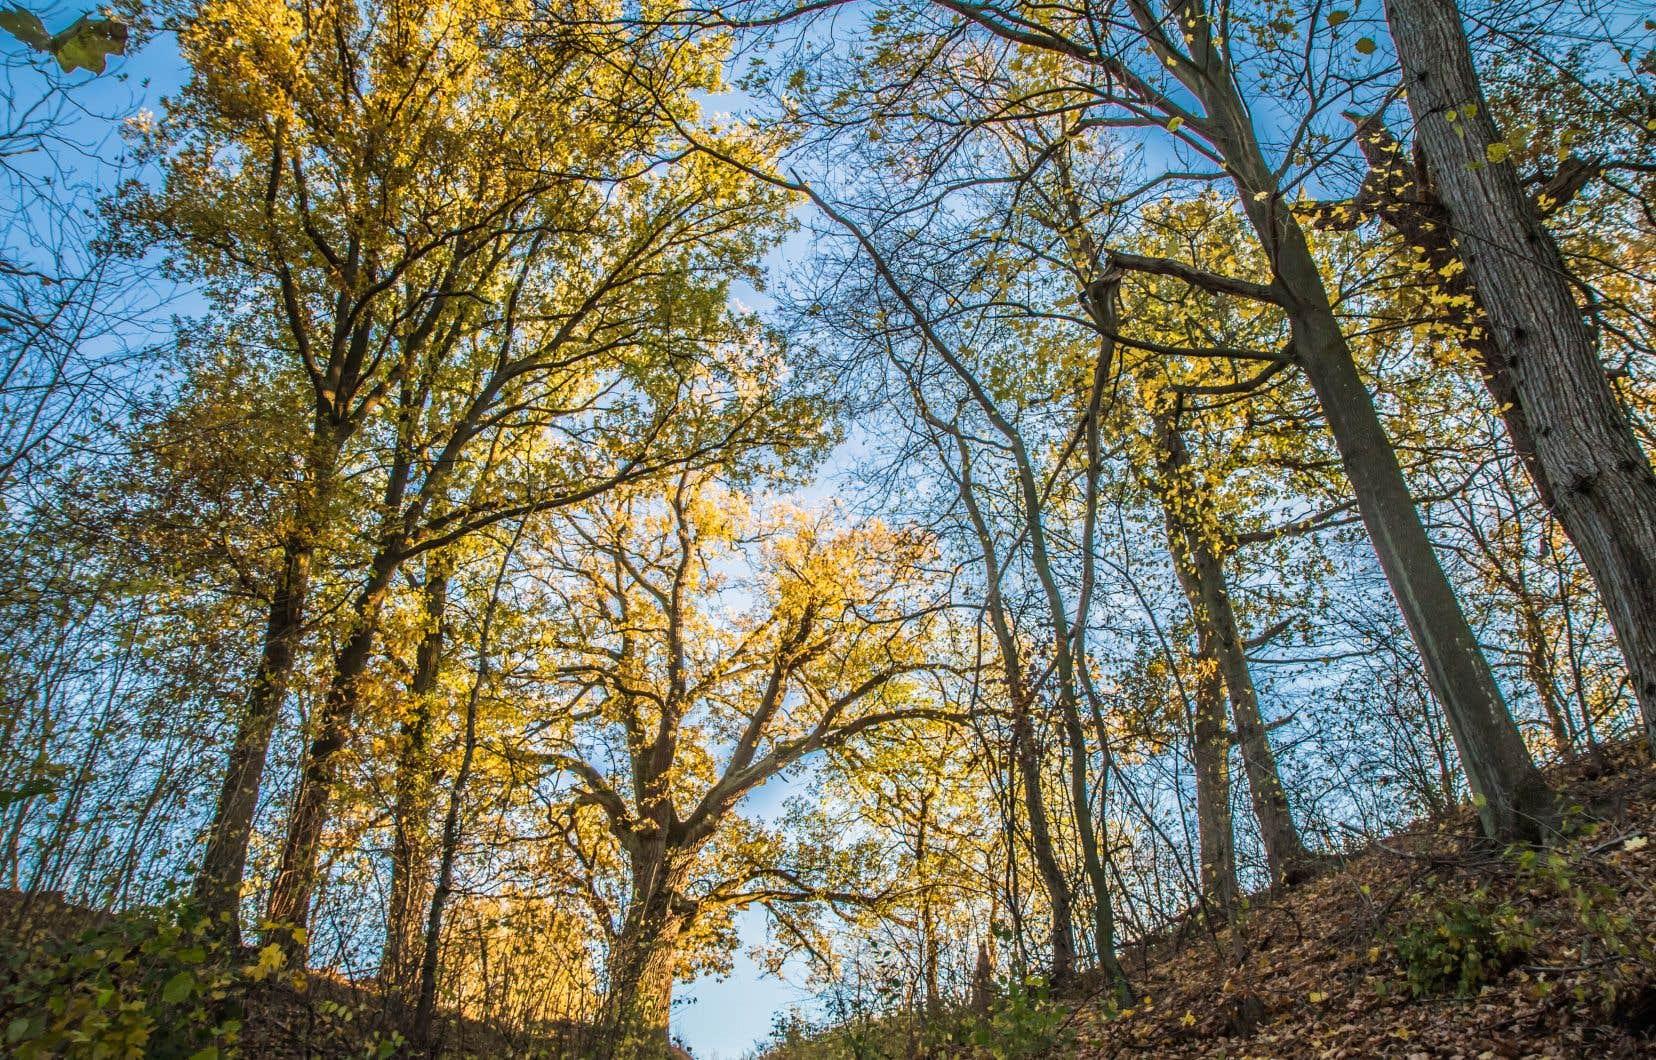 Lors d'un inventaire effectué en 2019- 2020, 211 chênes de plus de 90 cm de diamètre à hauteur de poitrine ont été dénombrés dans le parc du Mont-Royal.